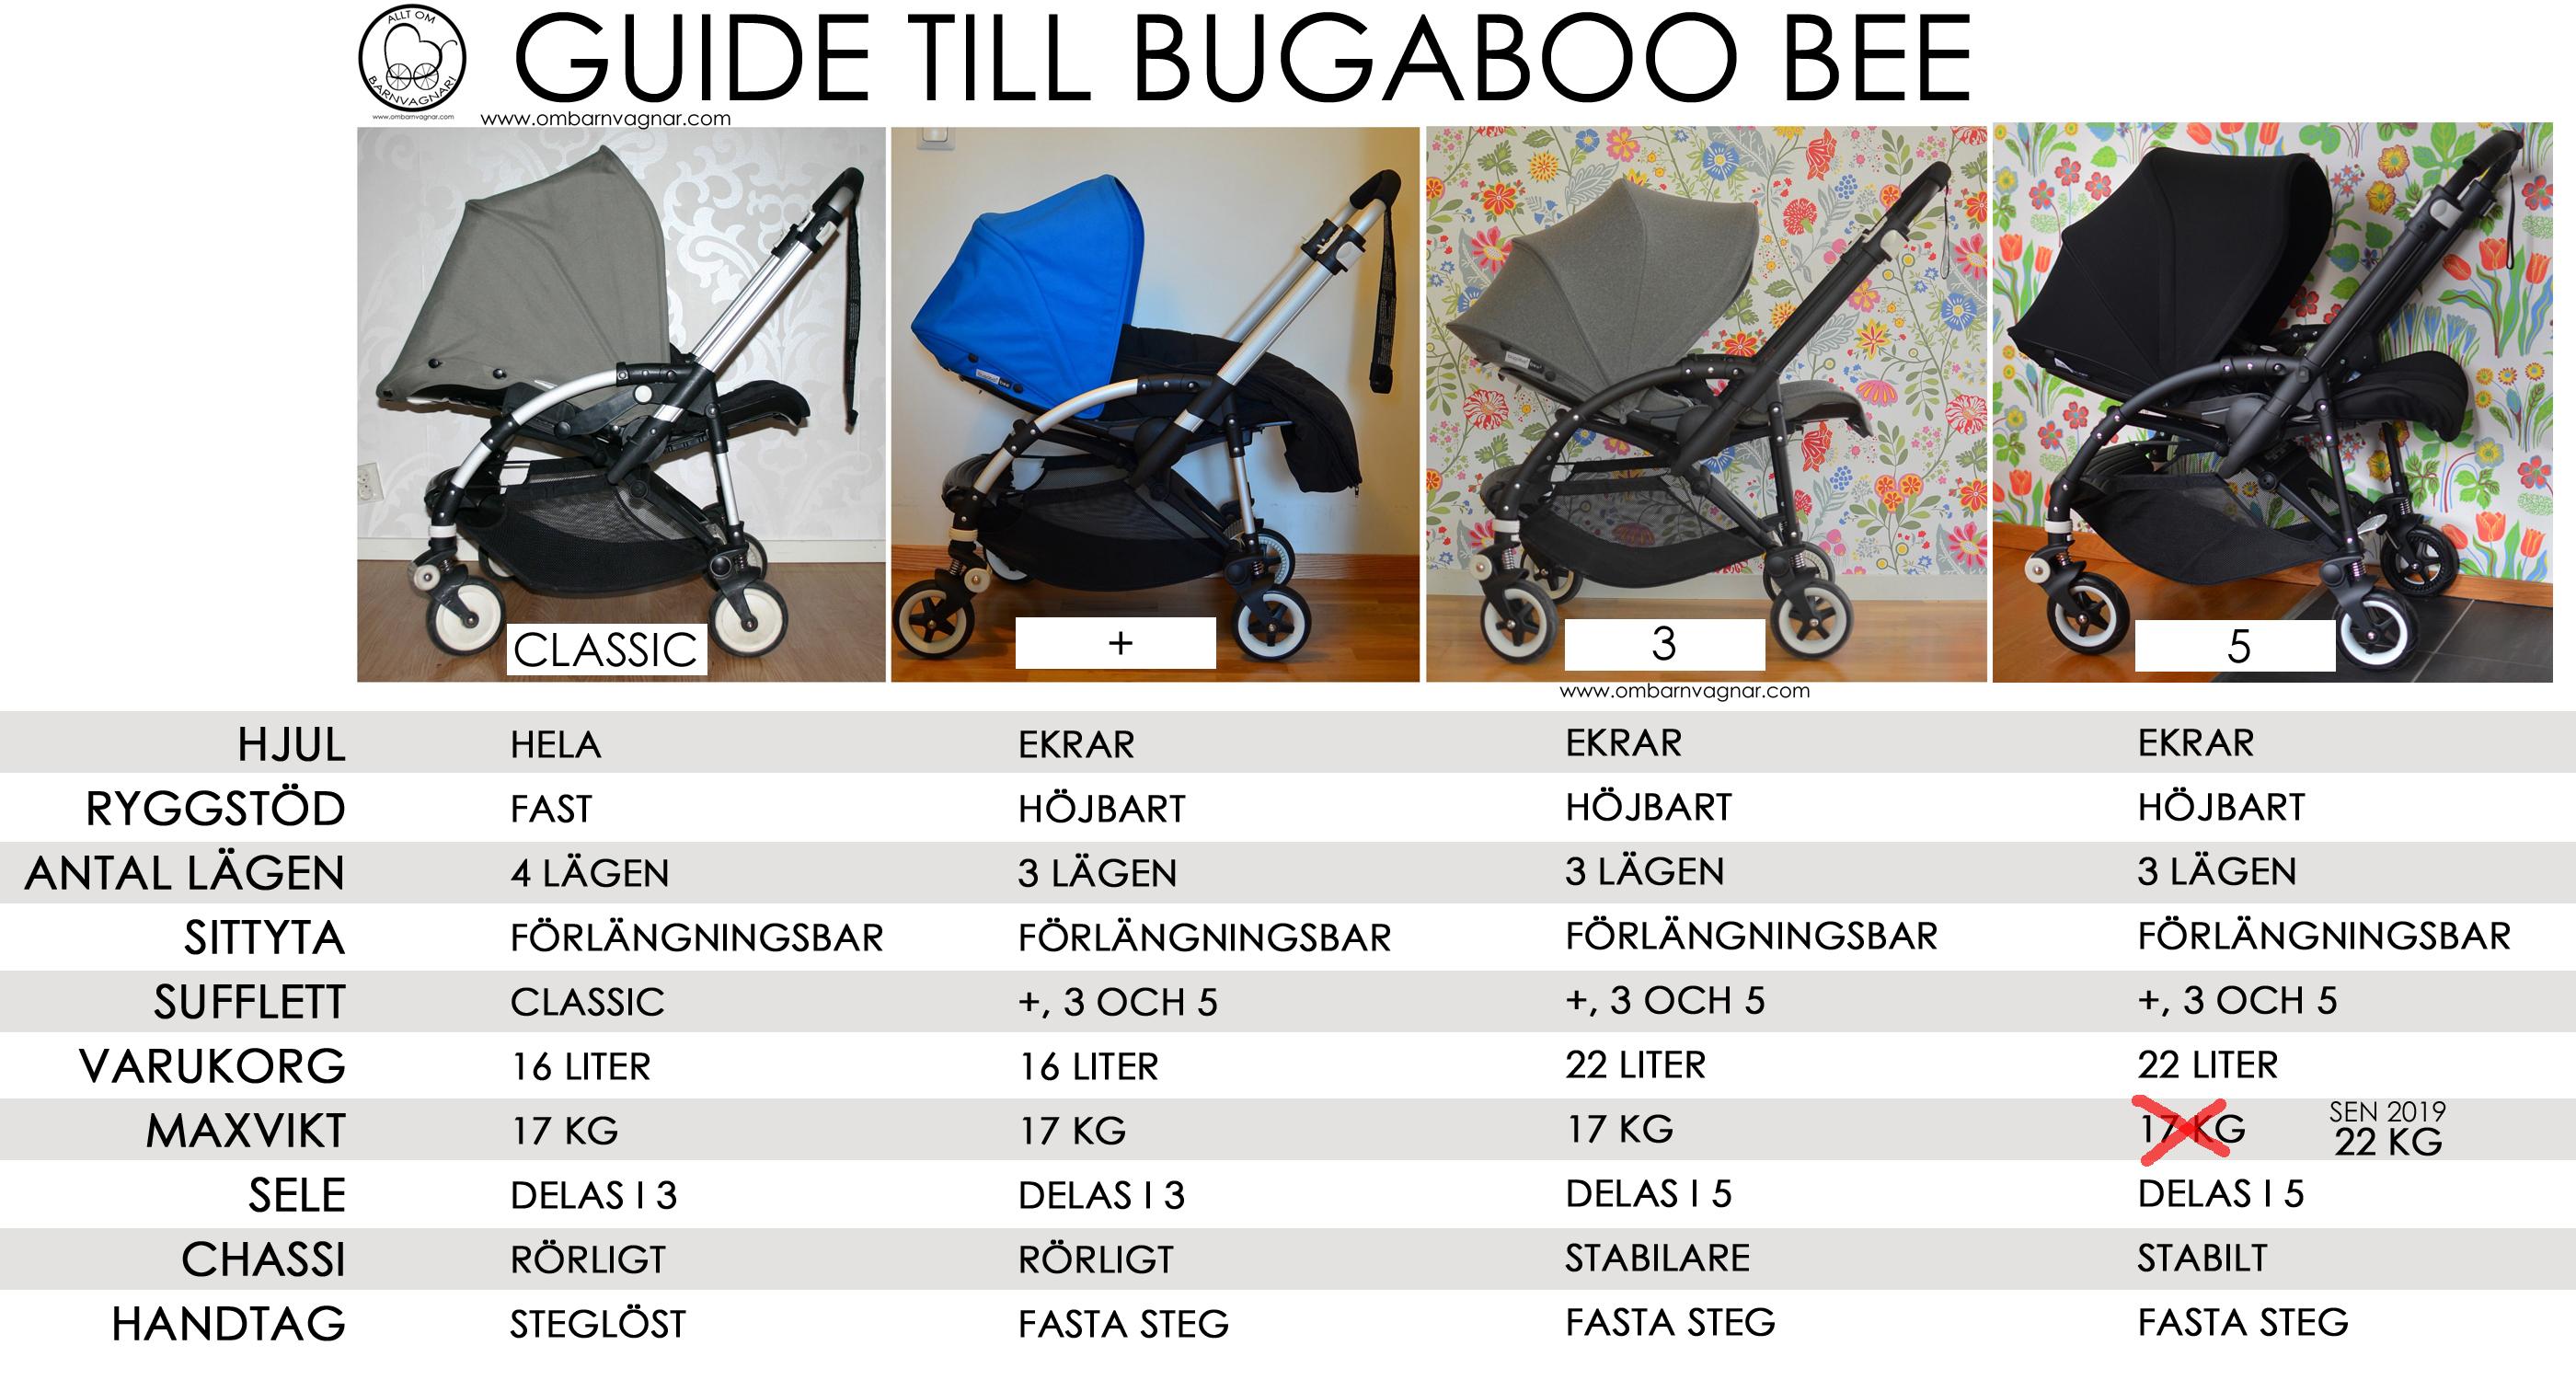 Guide över alla versioner av Bugaboo Bee